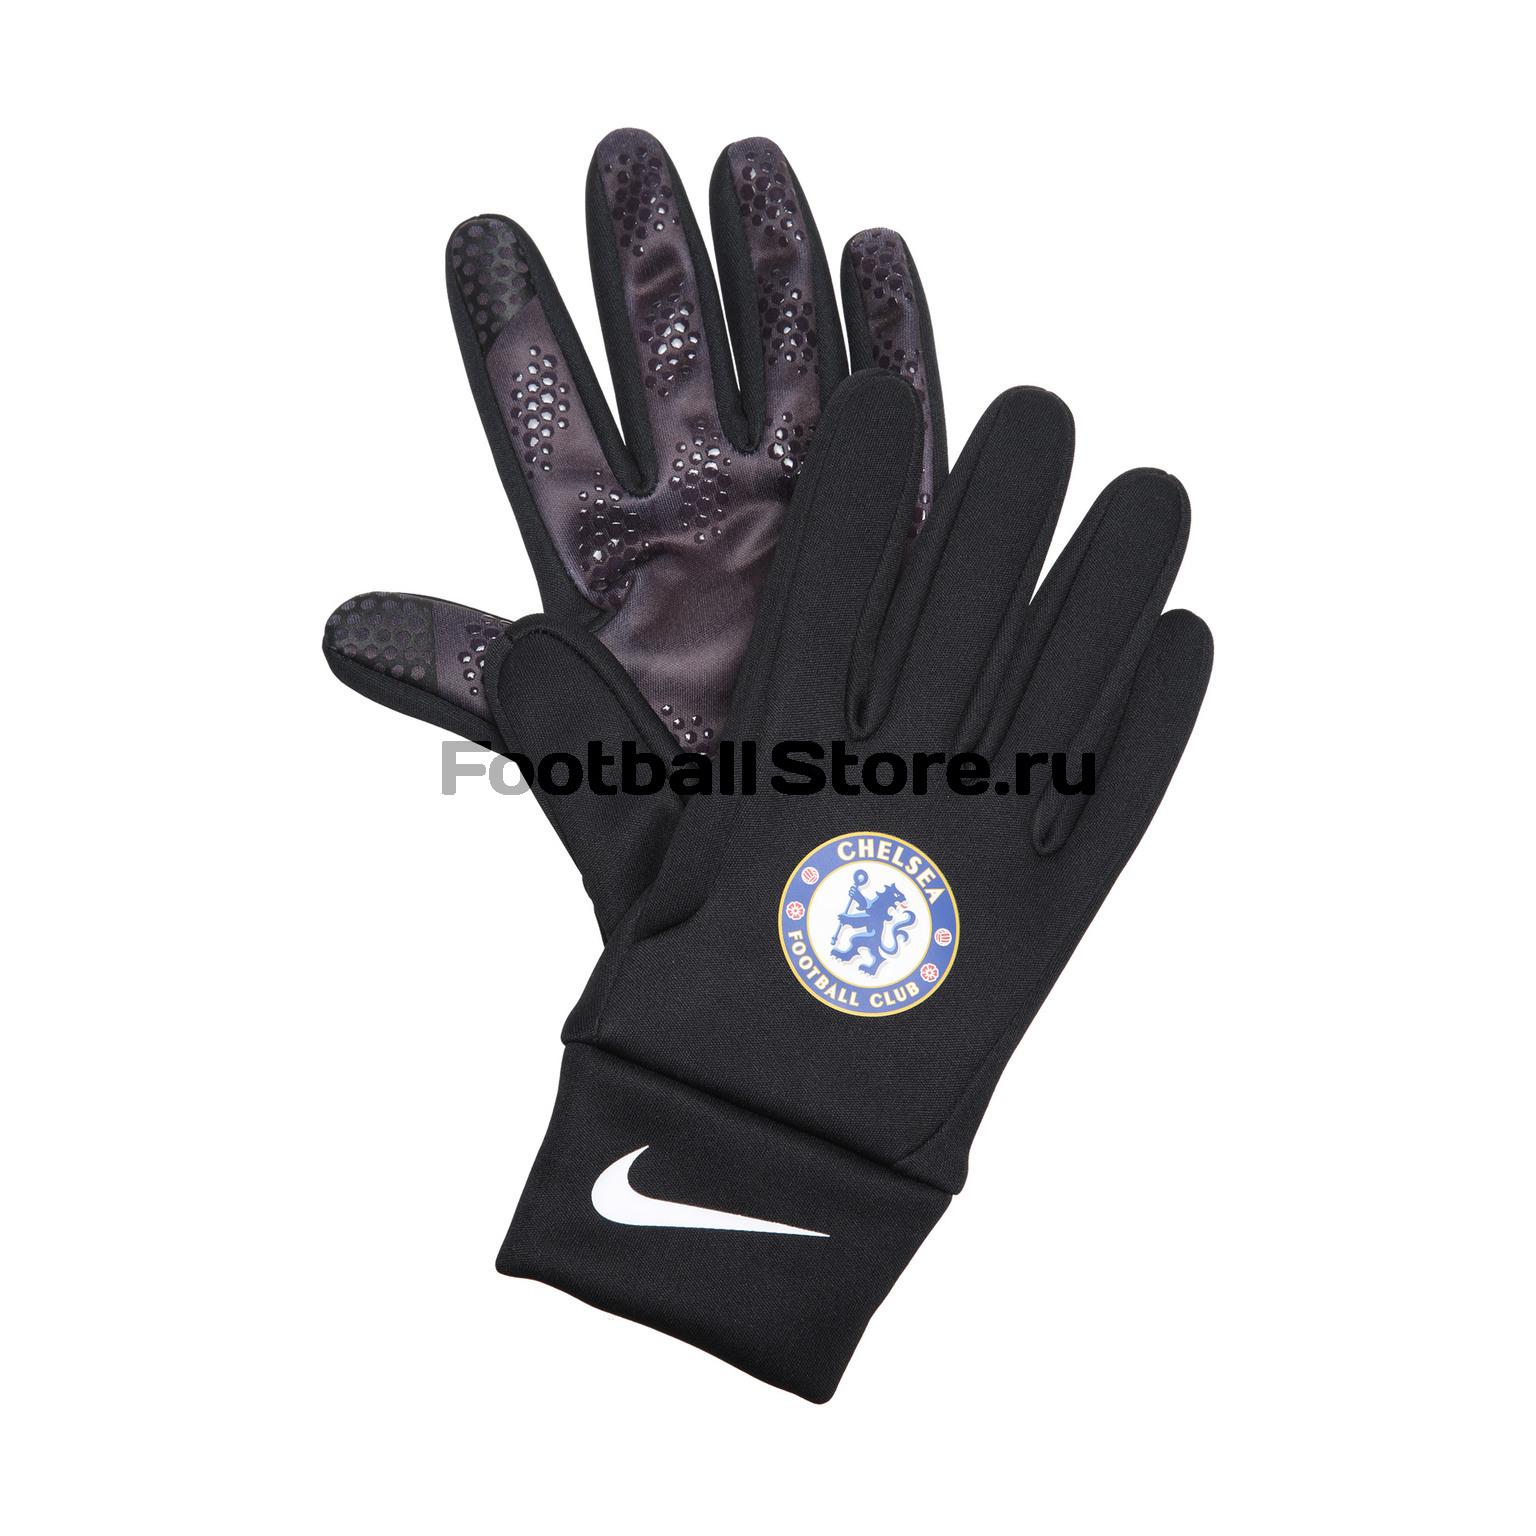 Перчатки Nike Перчатки тренировочные Nike Chelsea GS0353-060